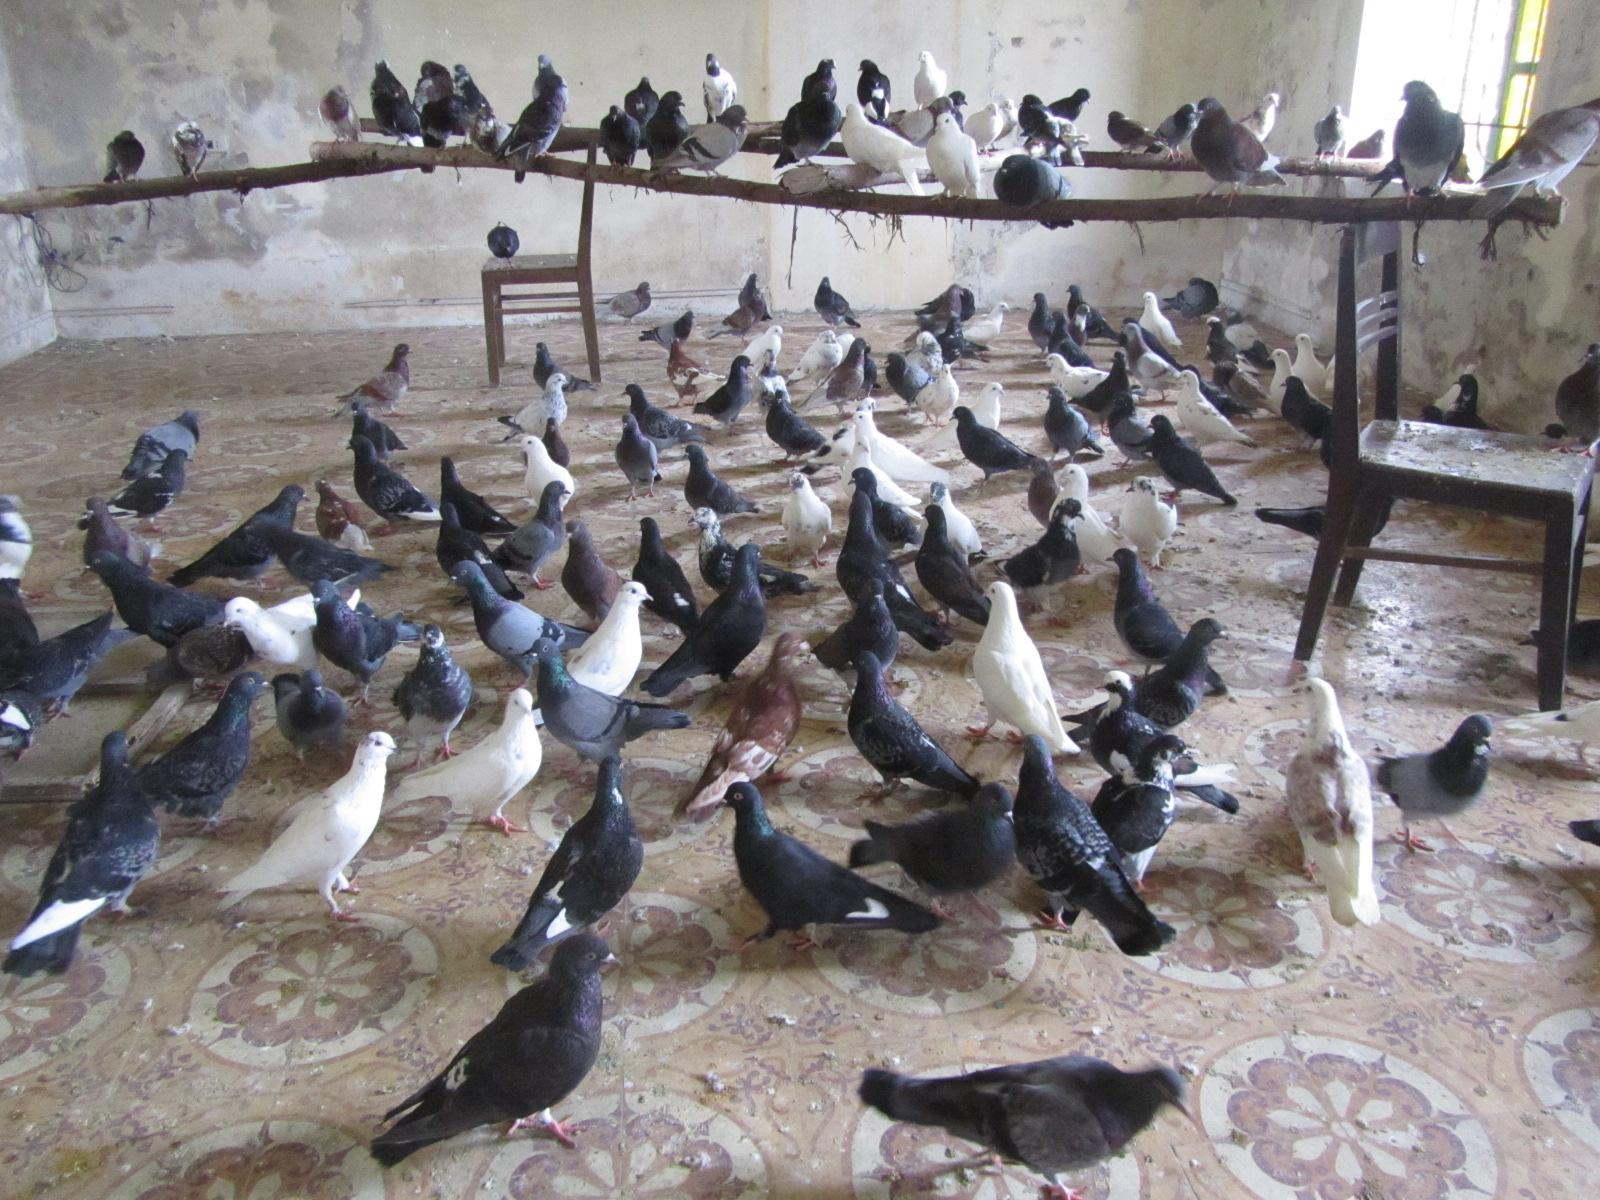 Chim bồ câu thịt